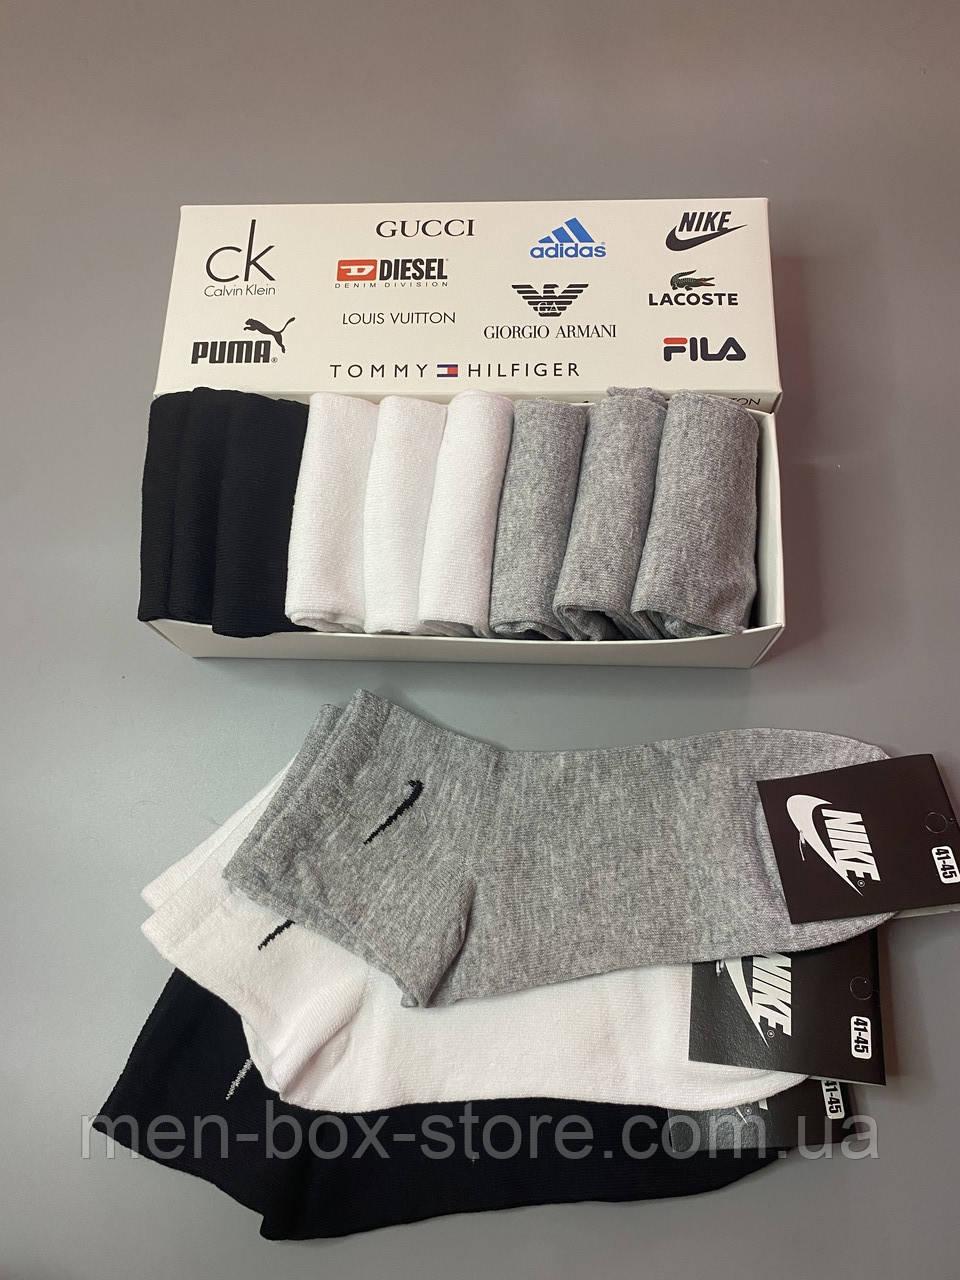 Чоловічі шкарпетки  NIKE у подарунковій  упаковці/9 пар. шкарпетки чоловічі шкарпетки середні шкарпетки турці